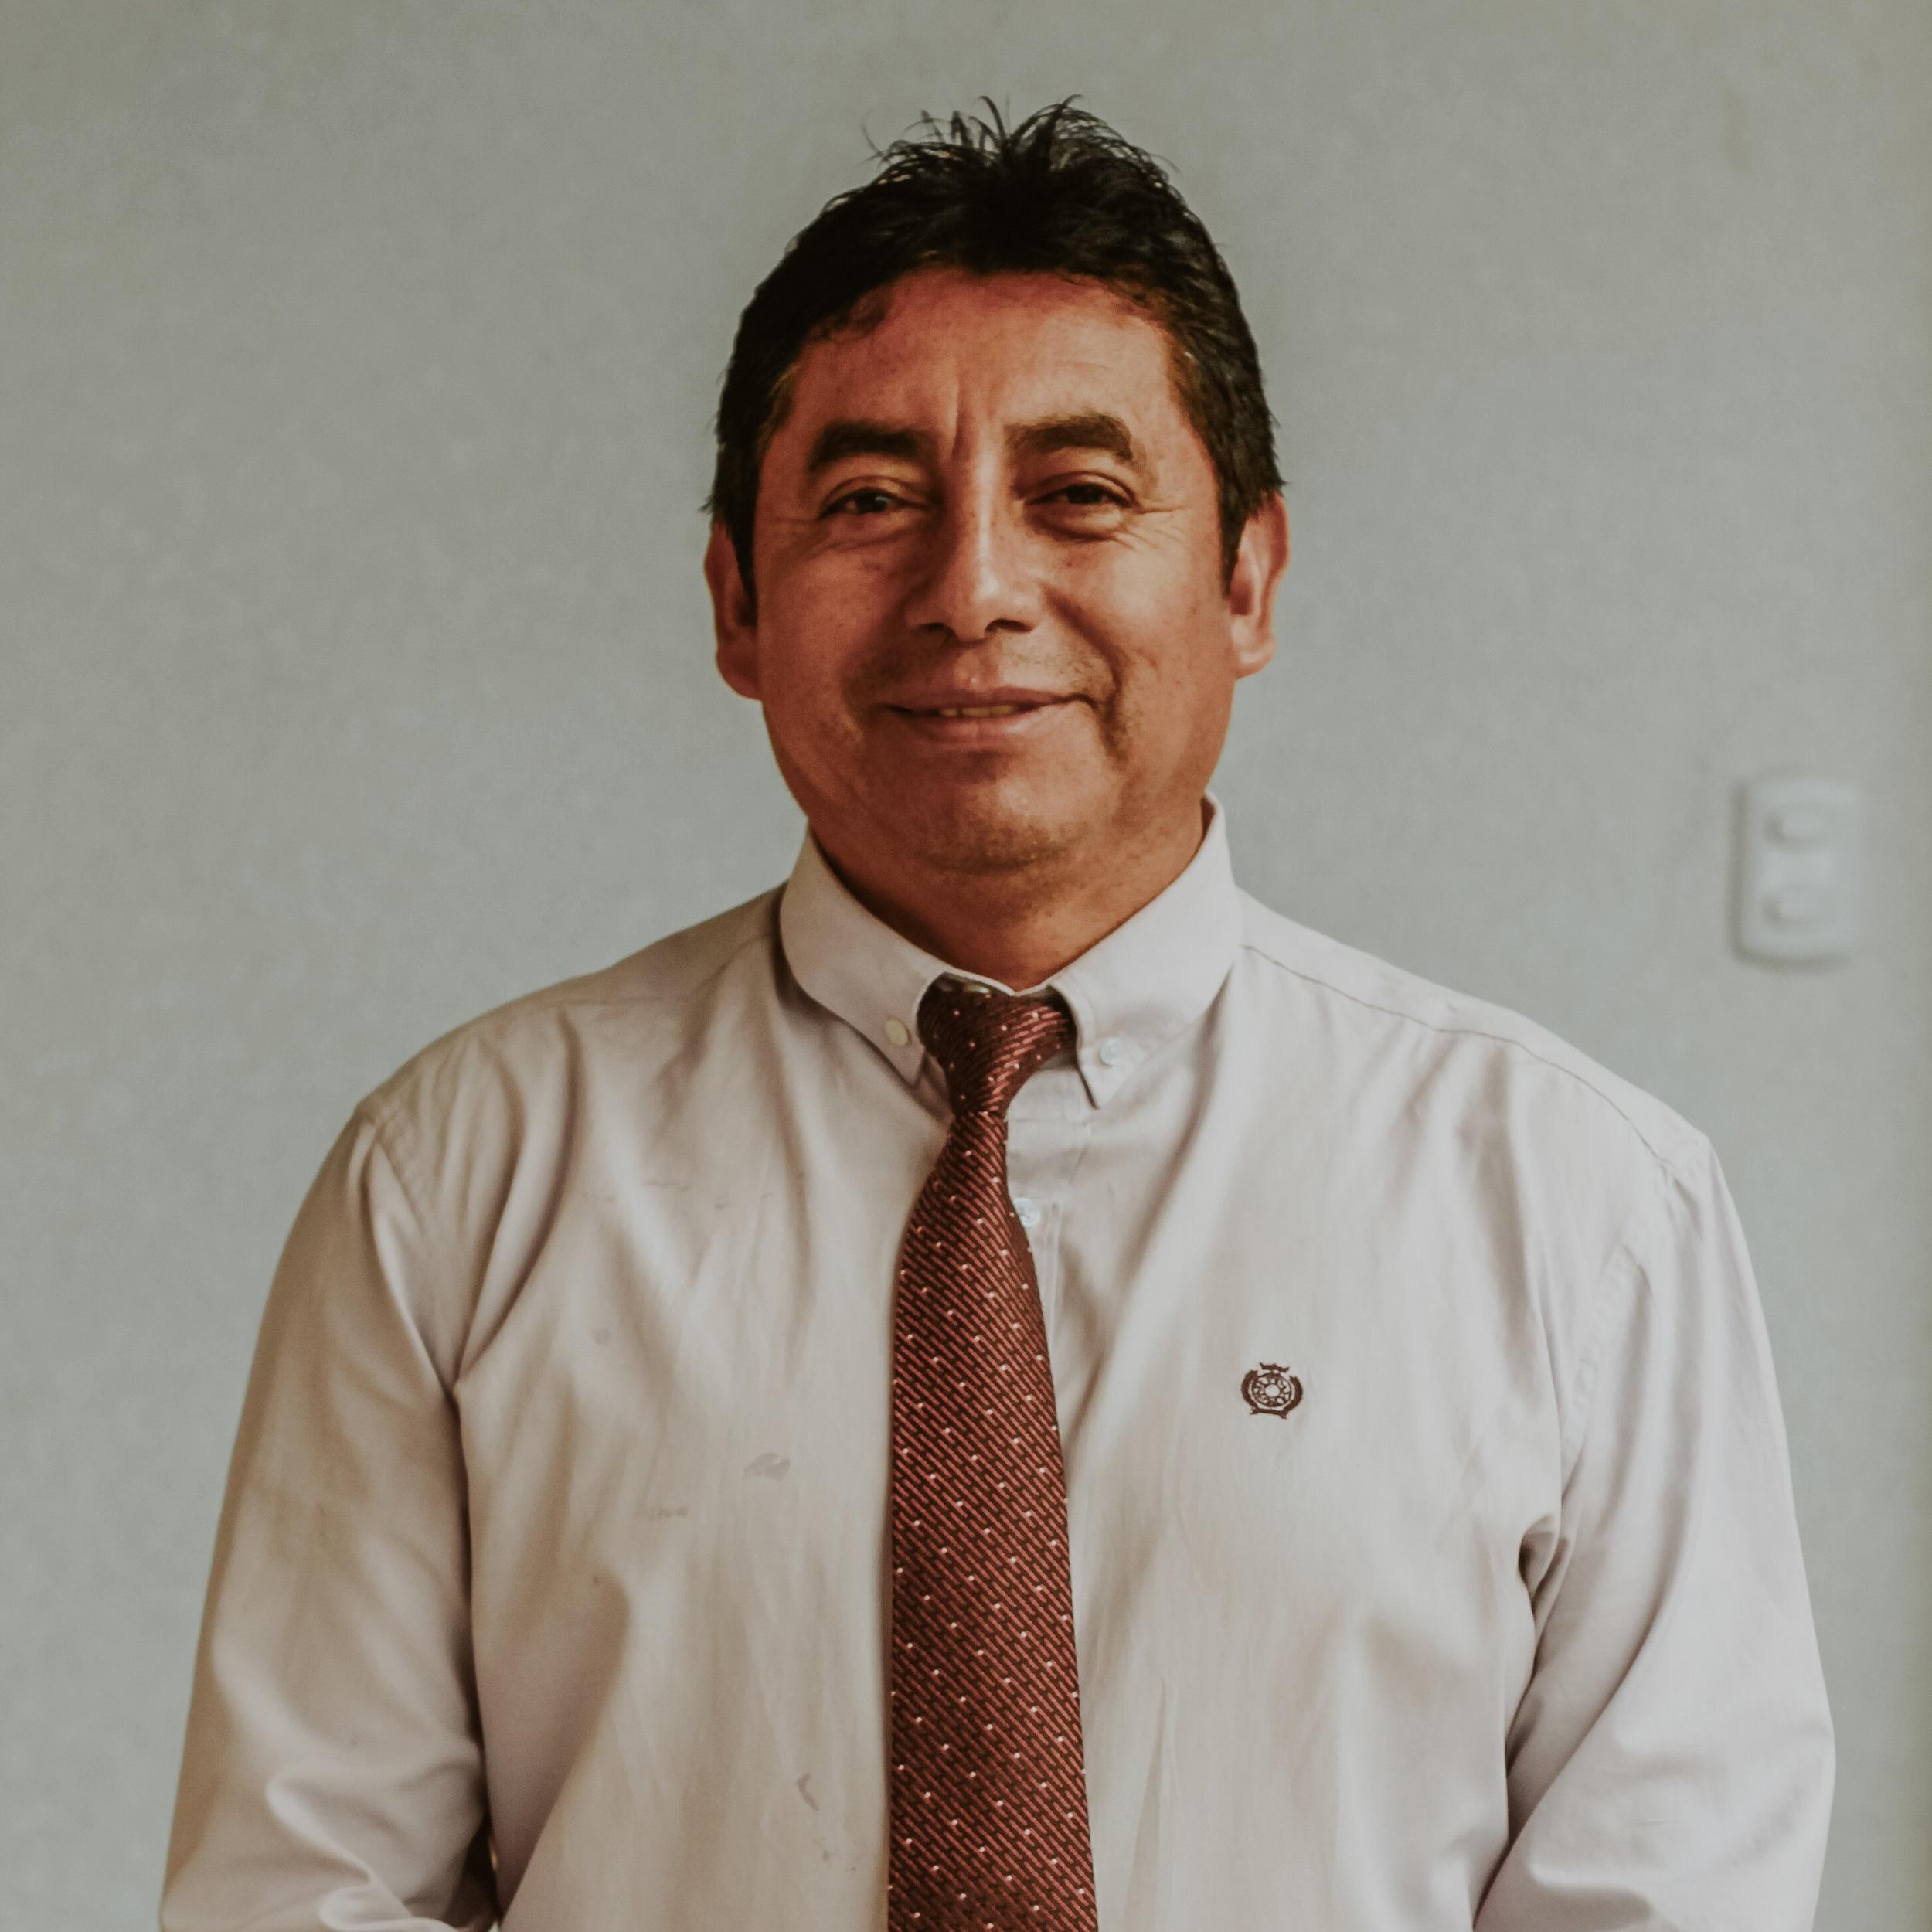 Esvin Gutierrez Director